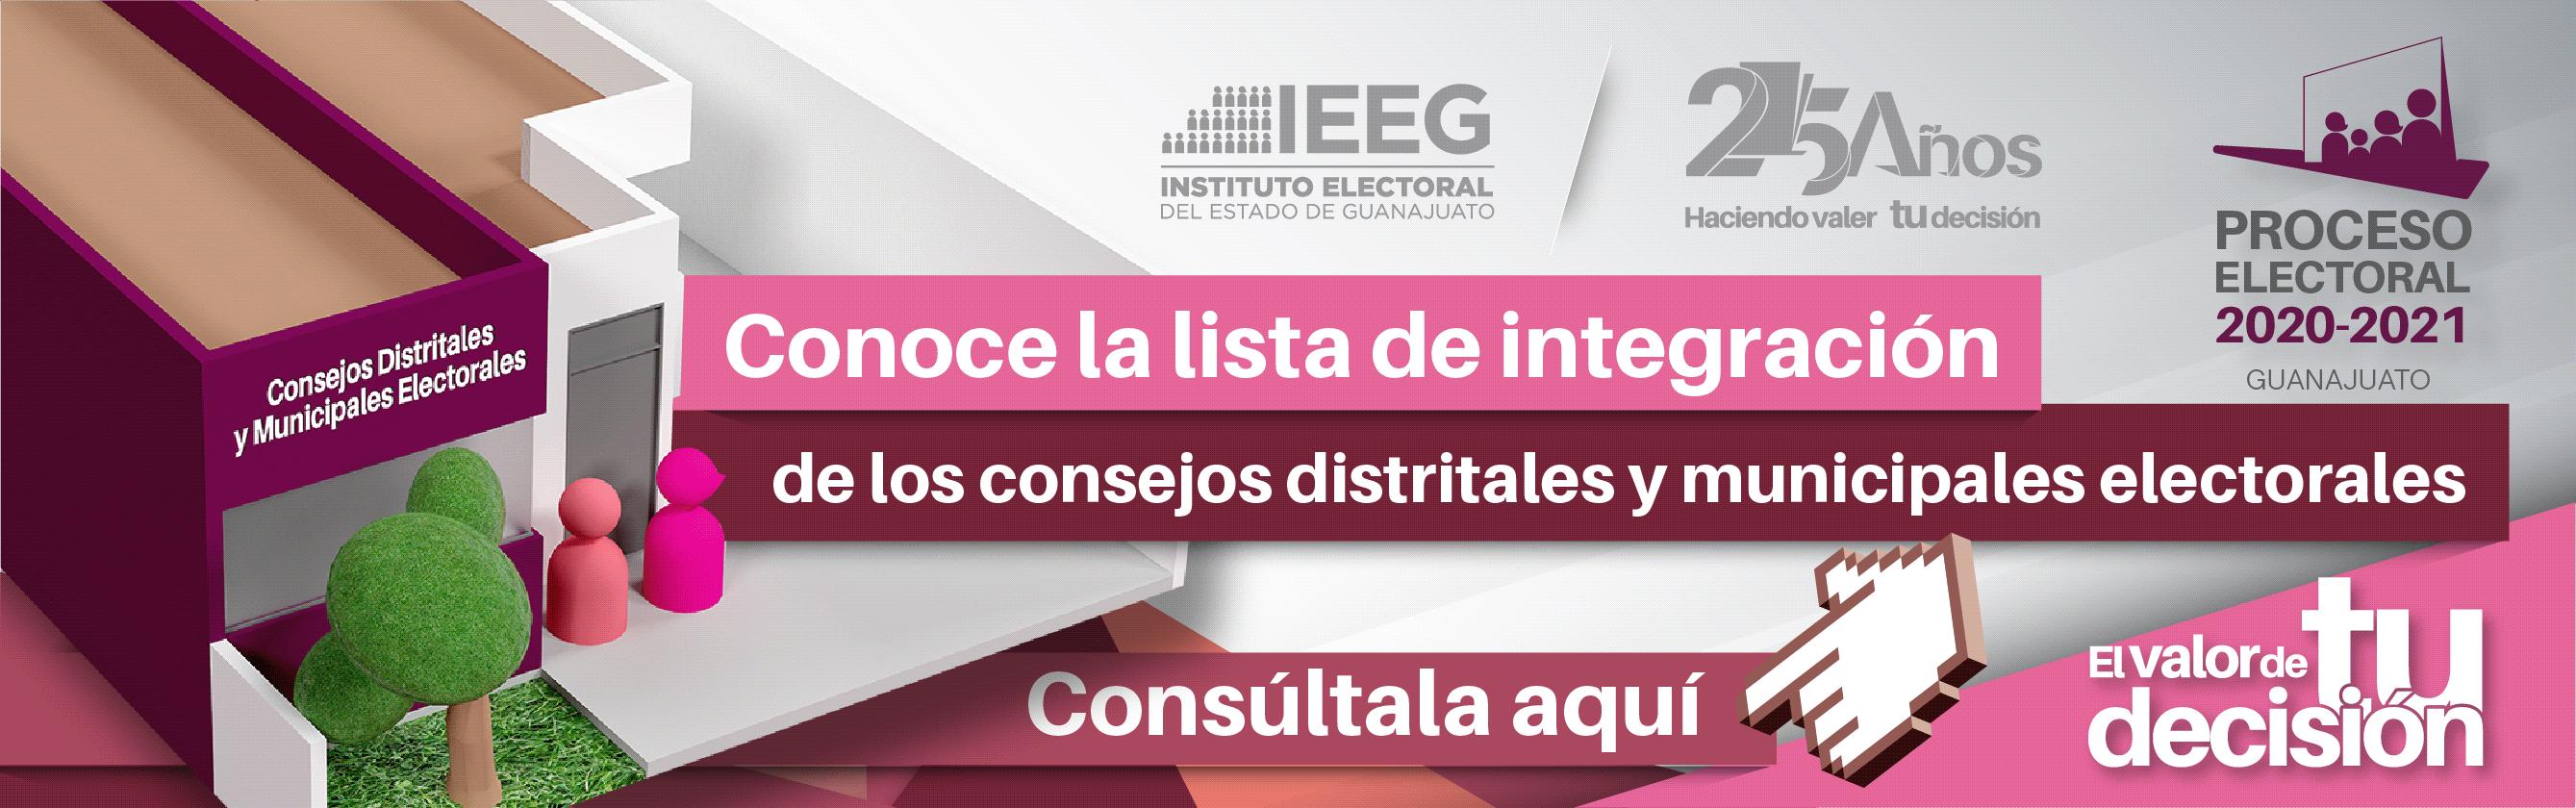 INTEGRACIÓN DE LOS CONSEJOS DISTRITALES Y MUNICIPALES